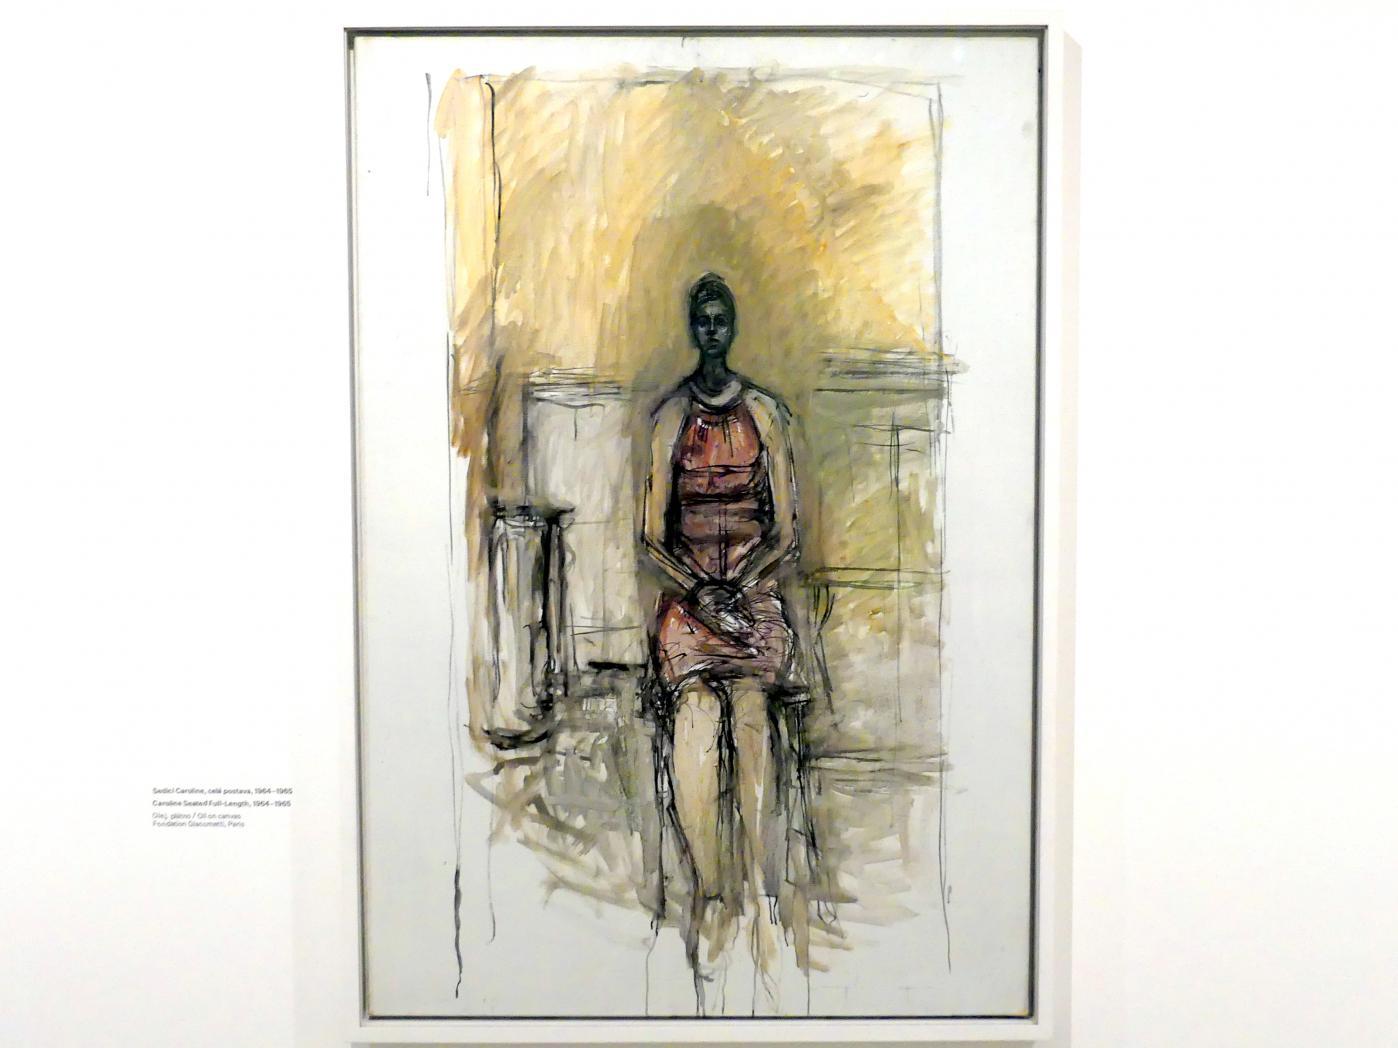 Alberto Giacometti: Caroline sitzend in Ganzfigur, 1964 - 1965